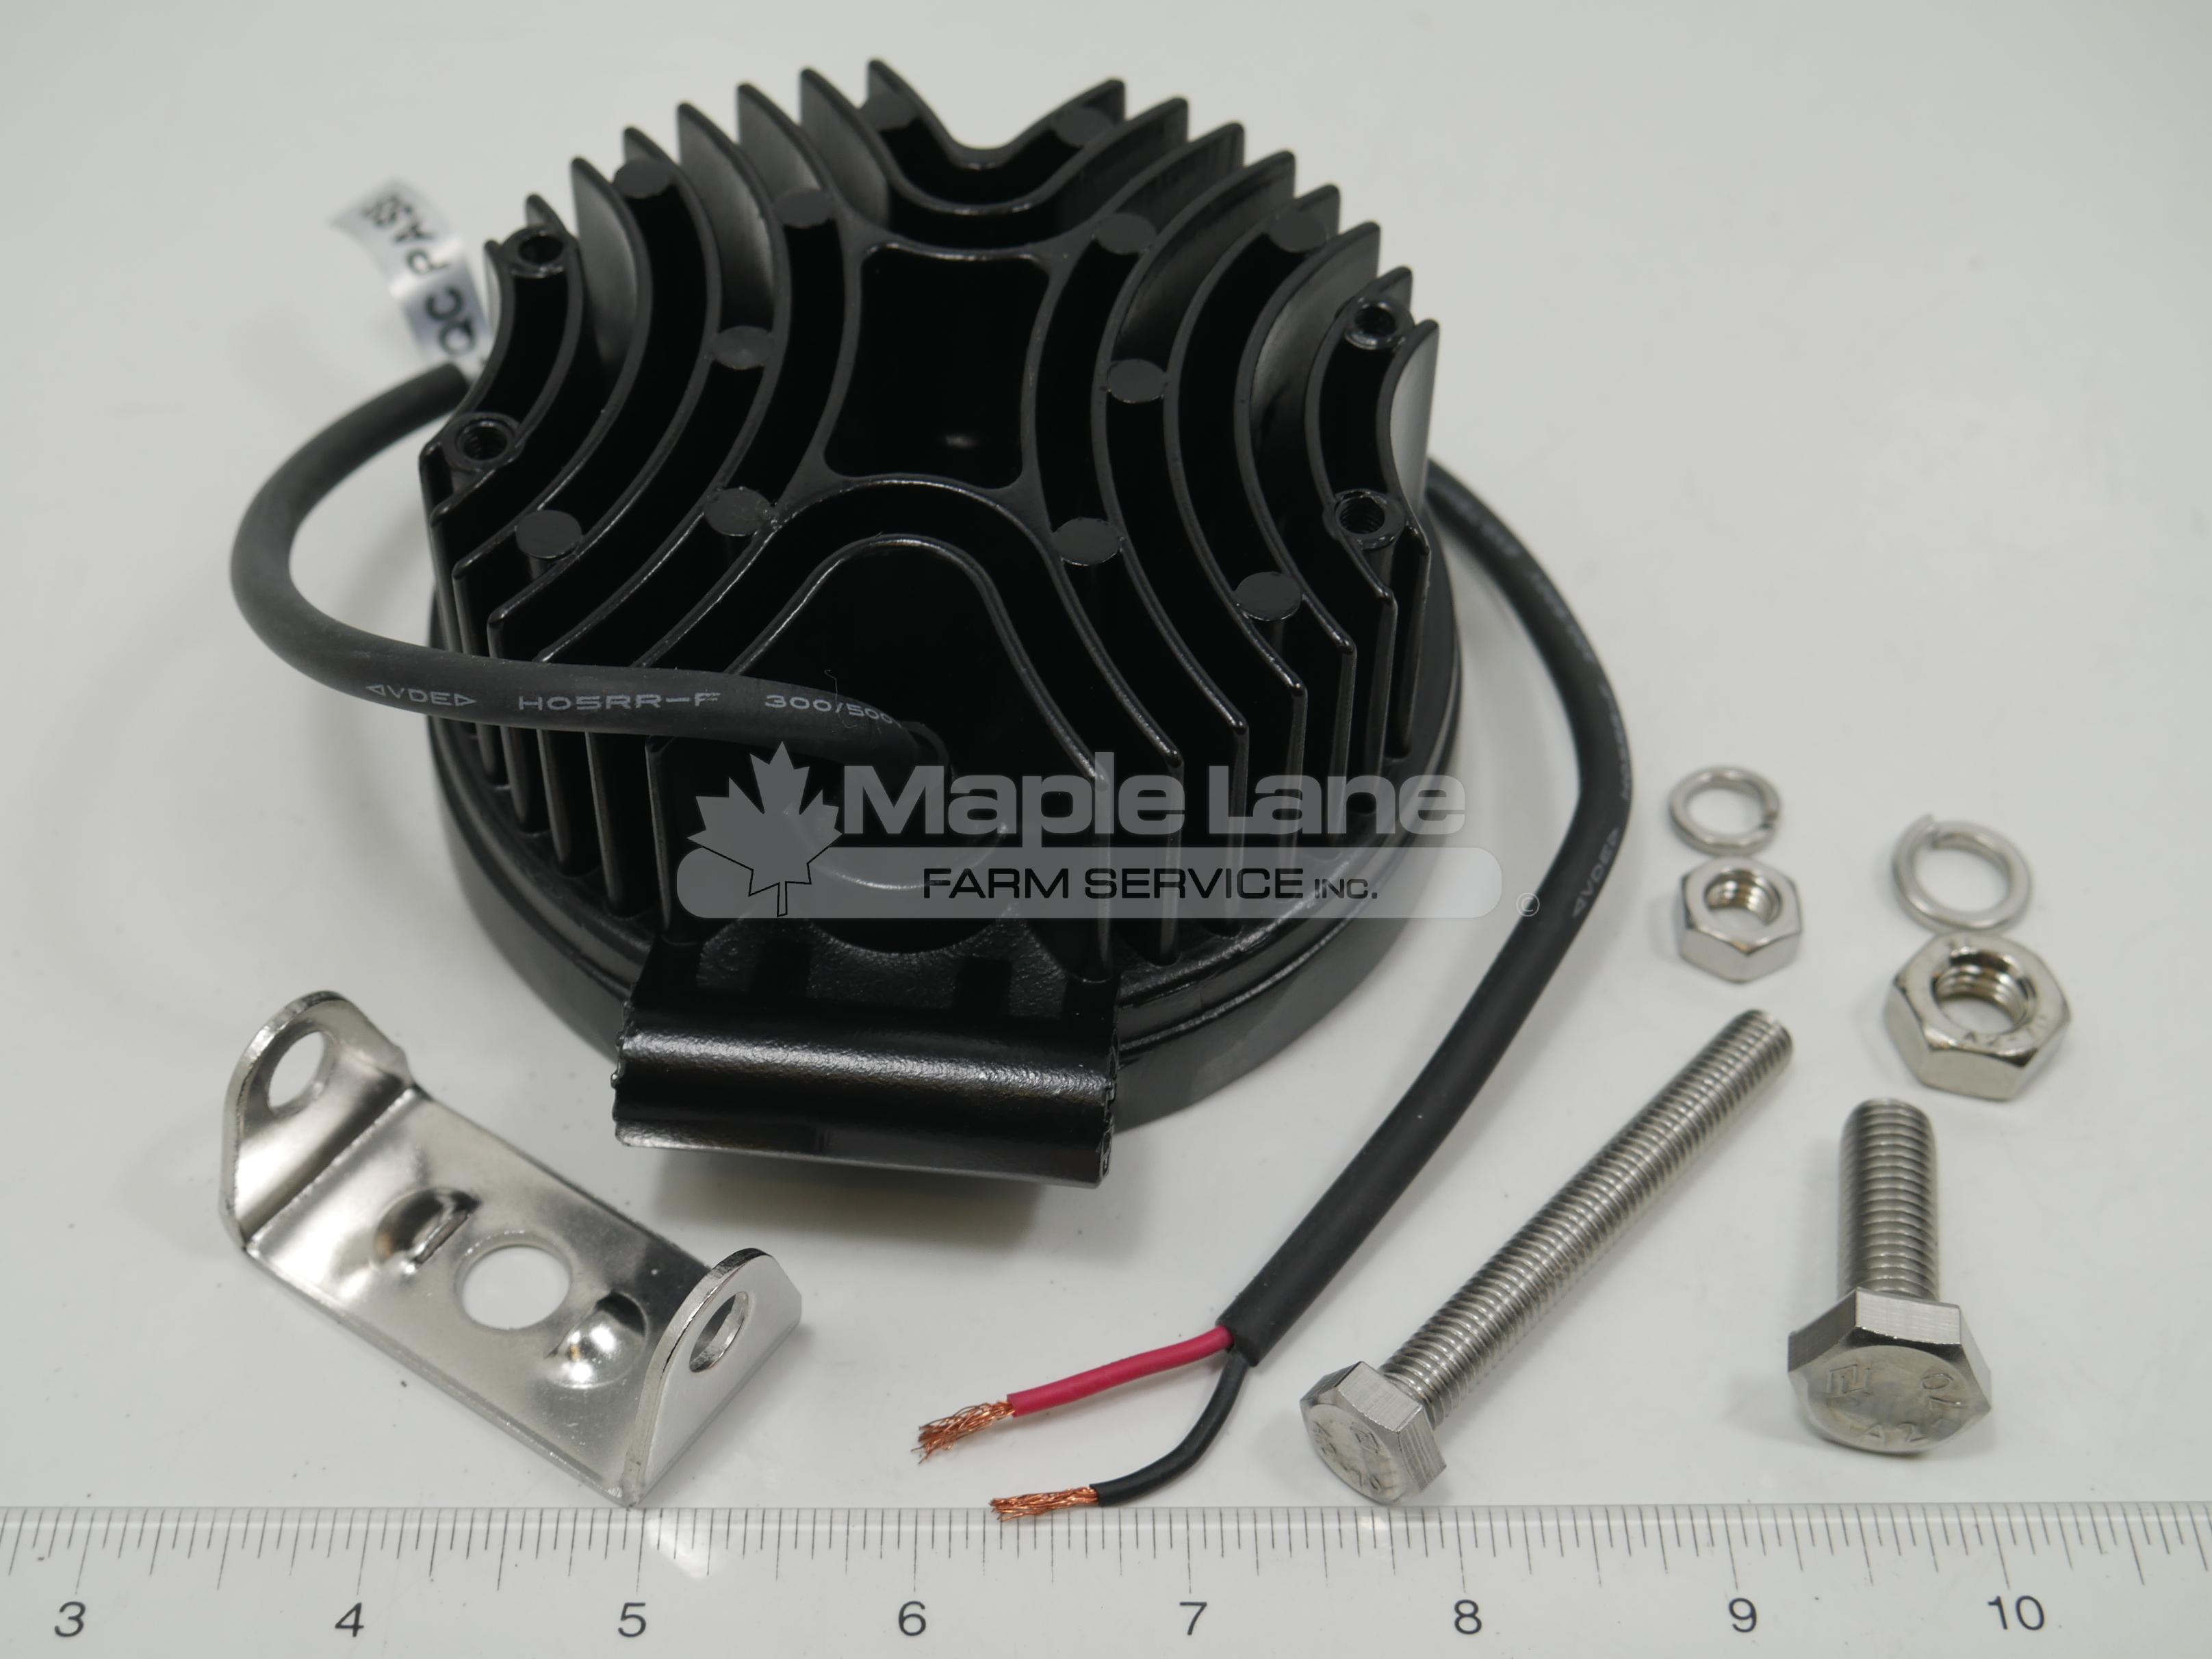 sm-920 27w led light